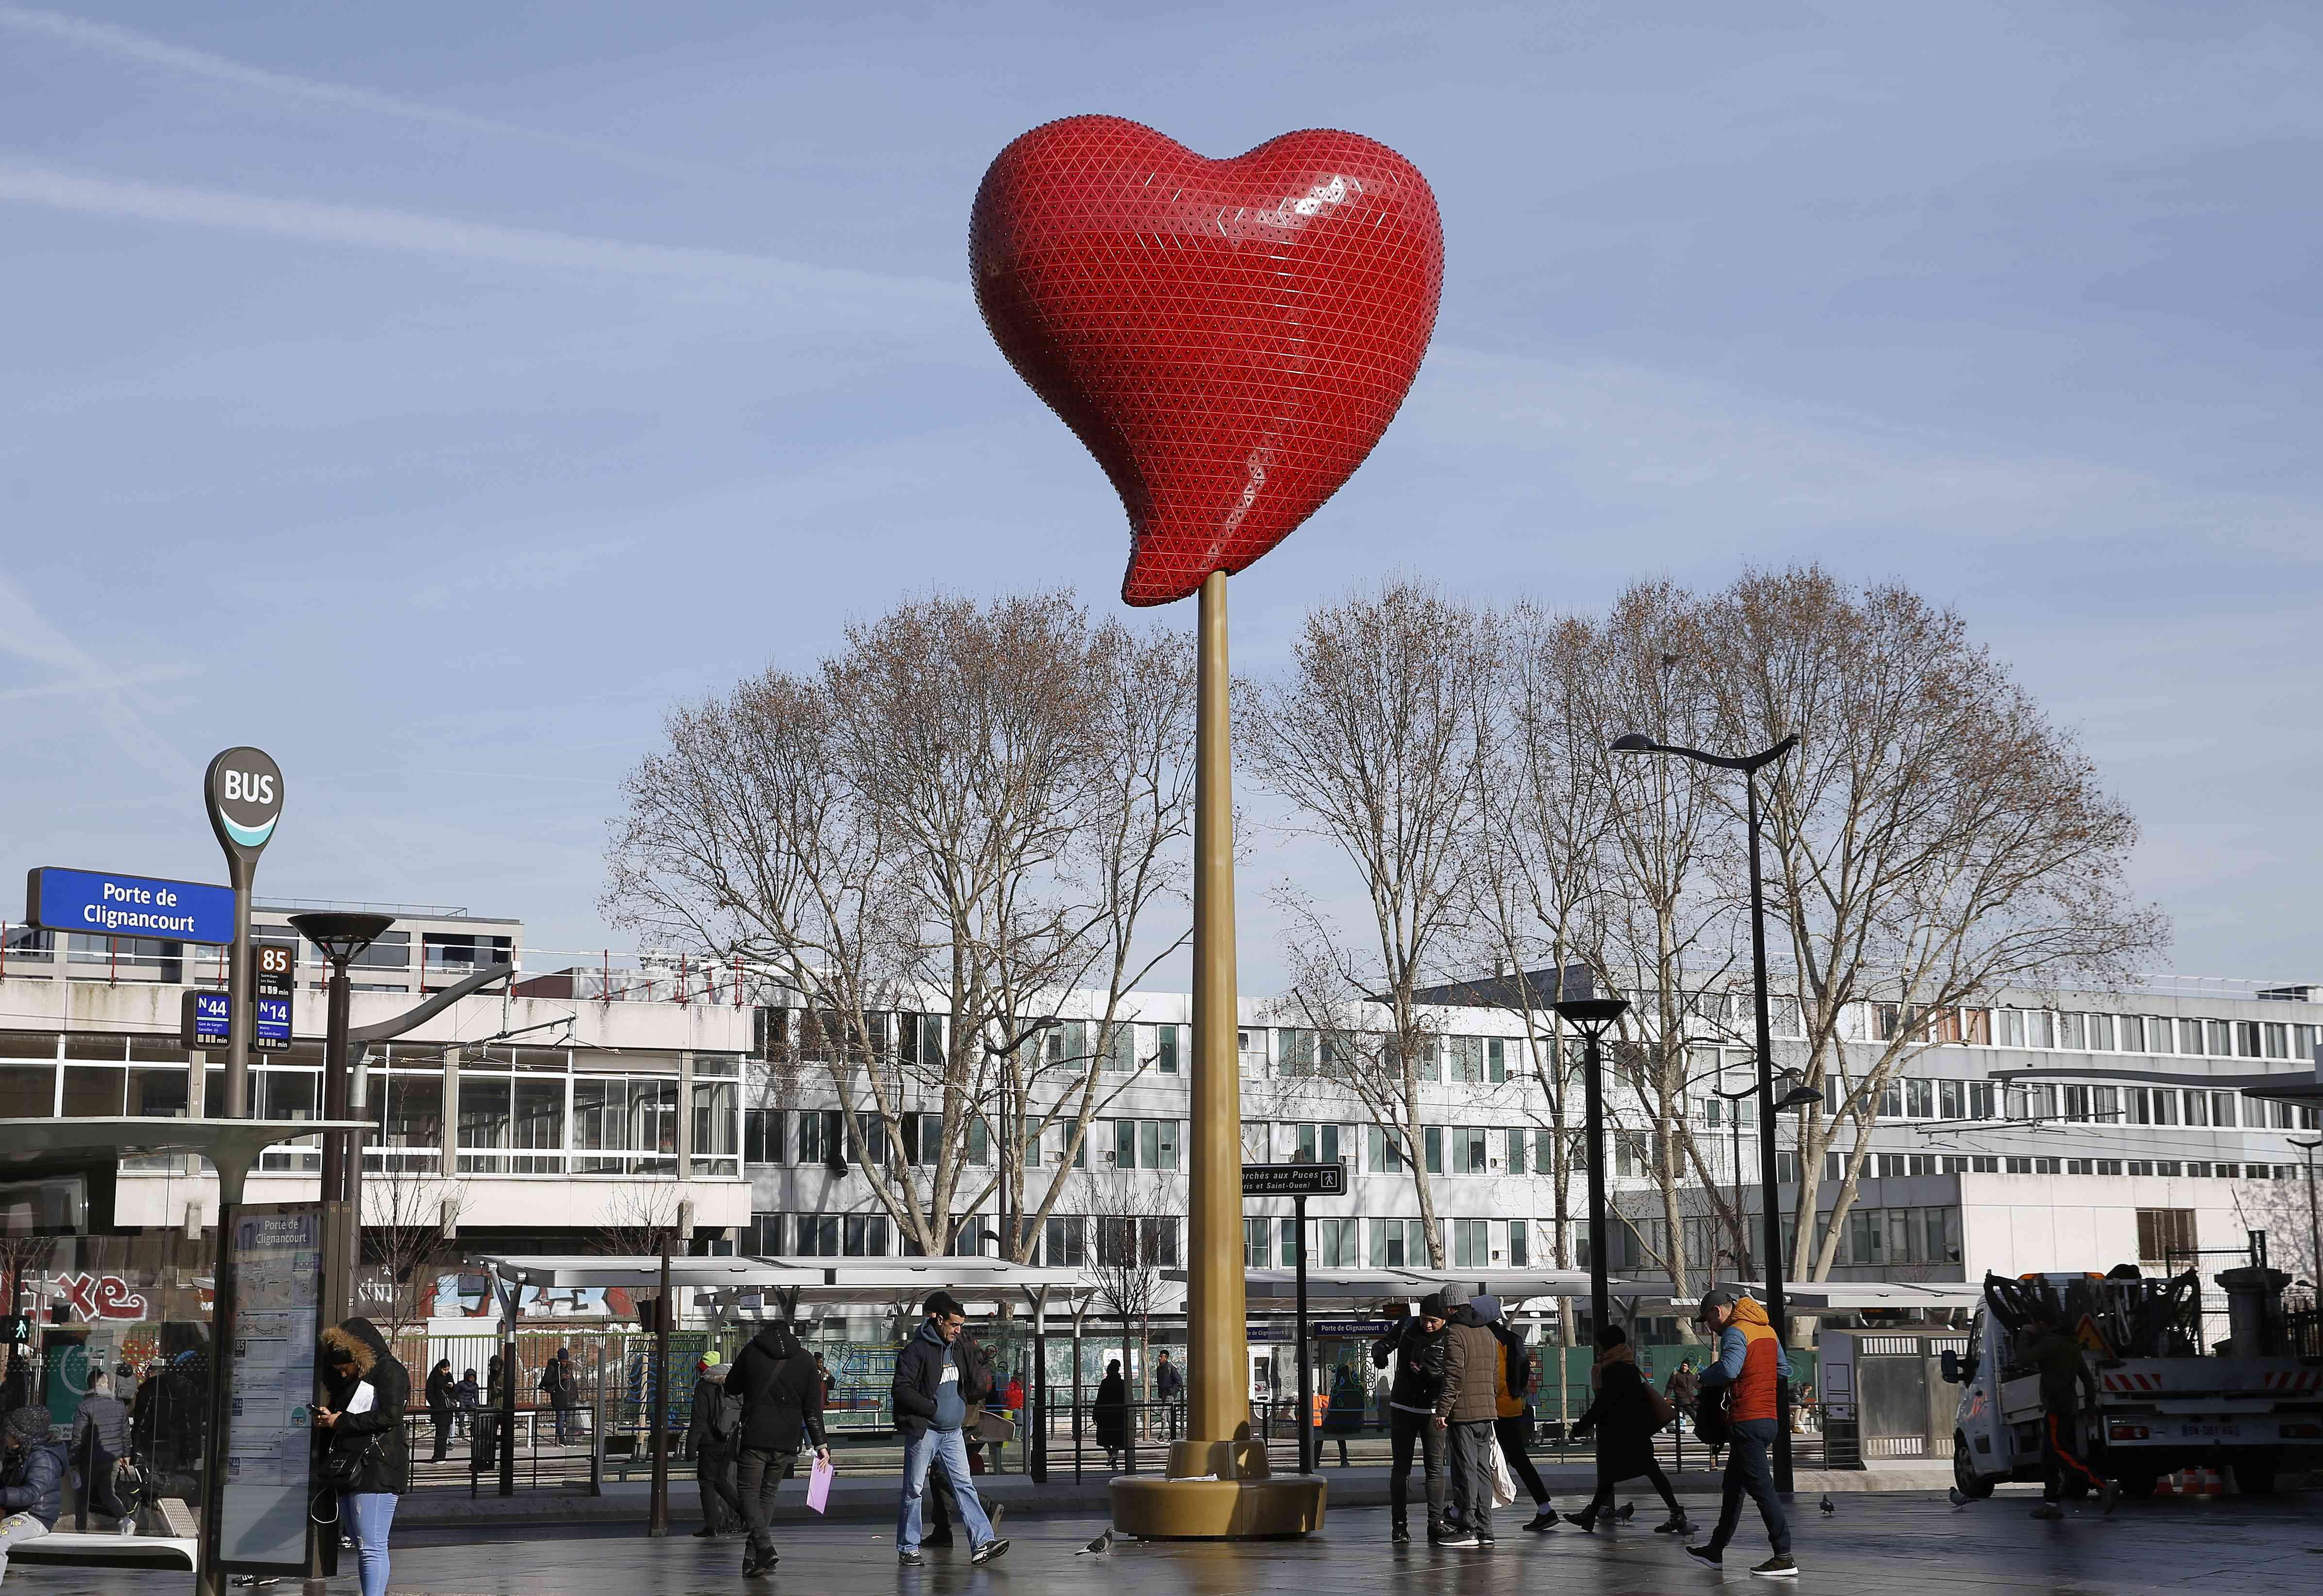 'Le cœur de Paris' by Portuguese artist Joana Vasconcelos is displayed at Porte de Clignancourton the eve of the Valentine's Day in Paris, France.